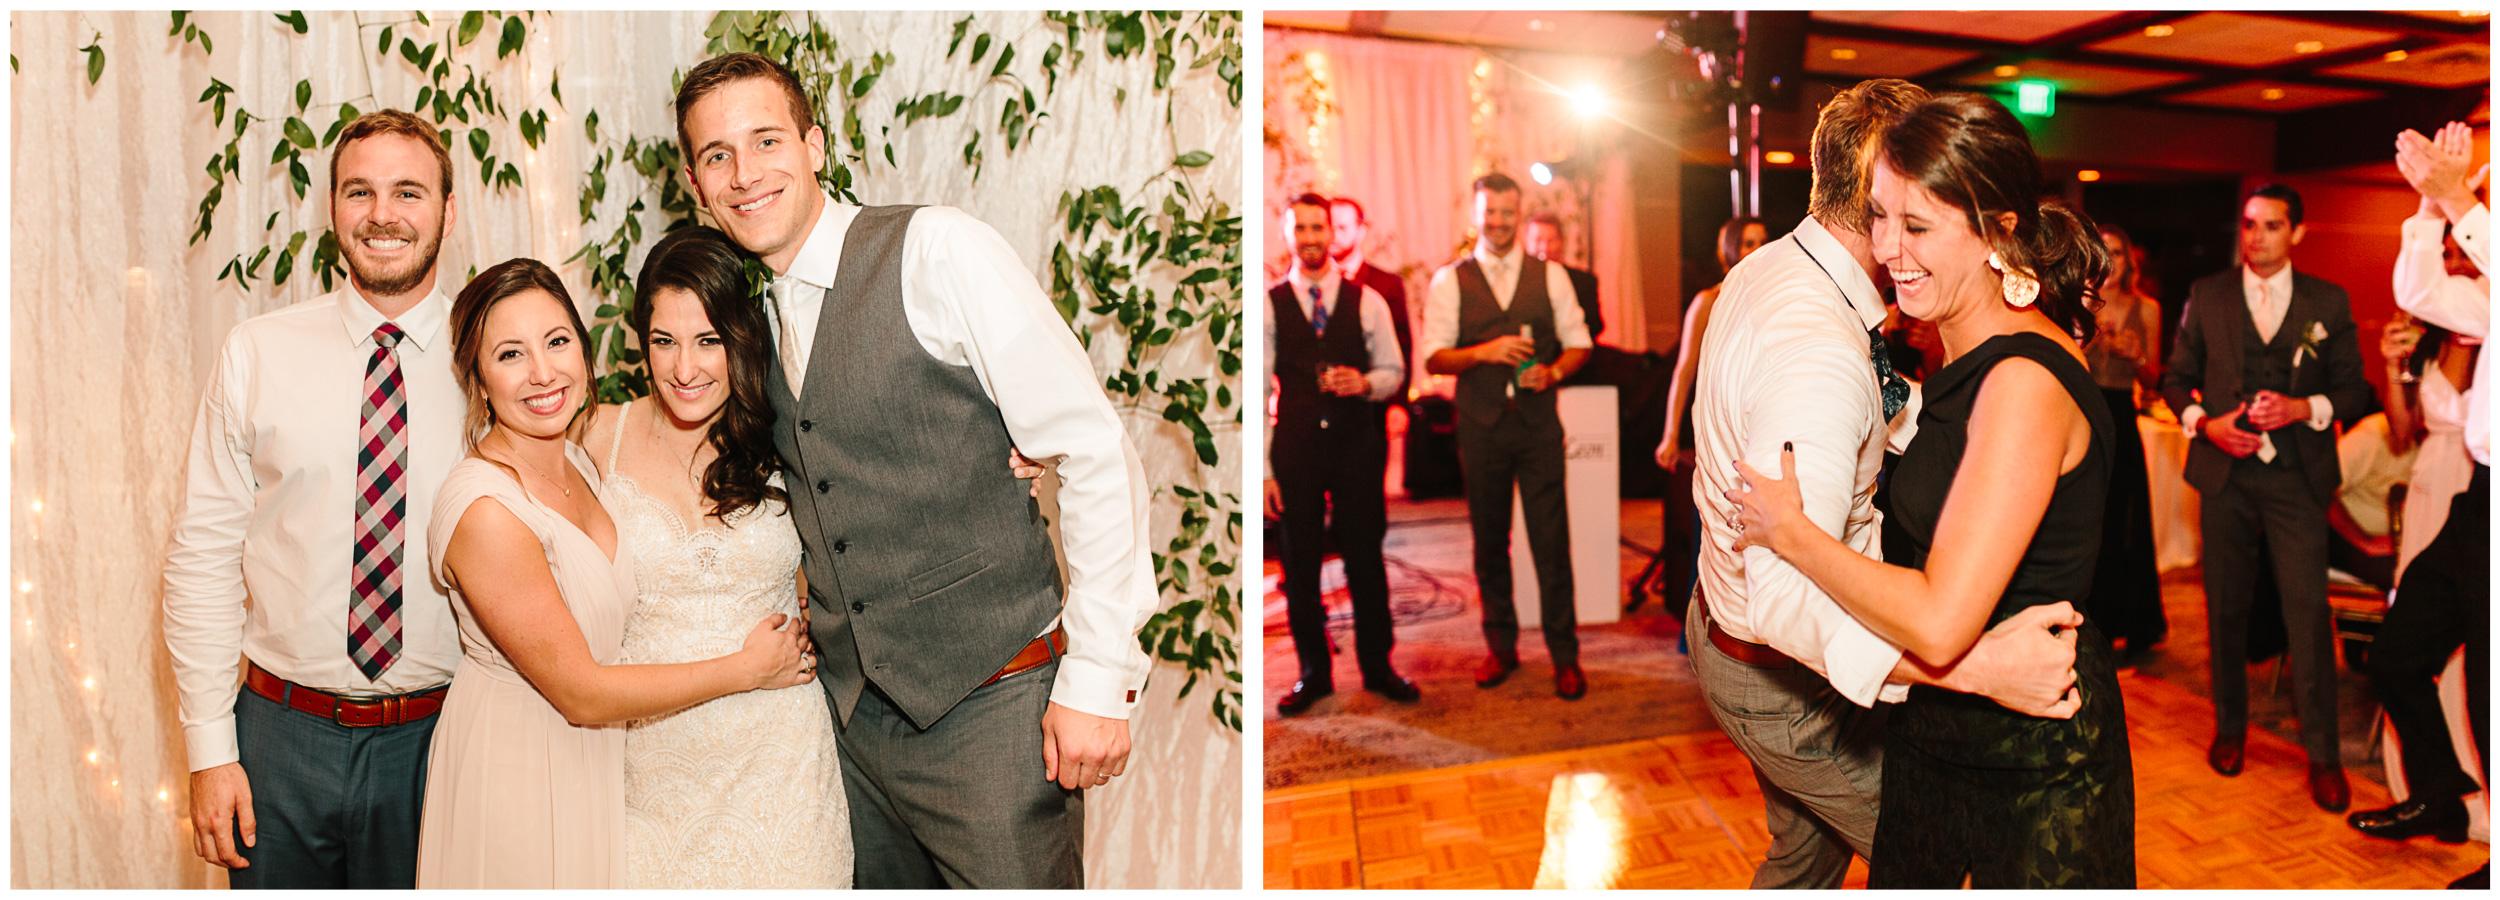 marie_selby_wedding_107.jpg